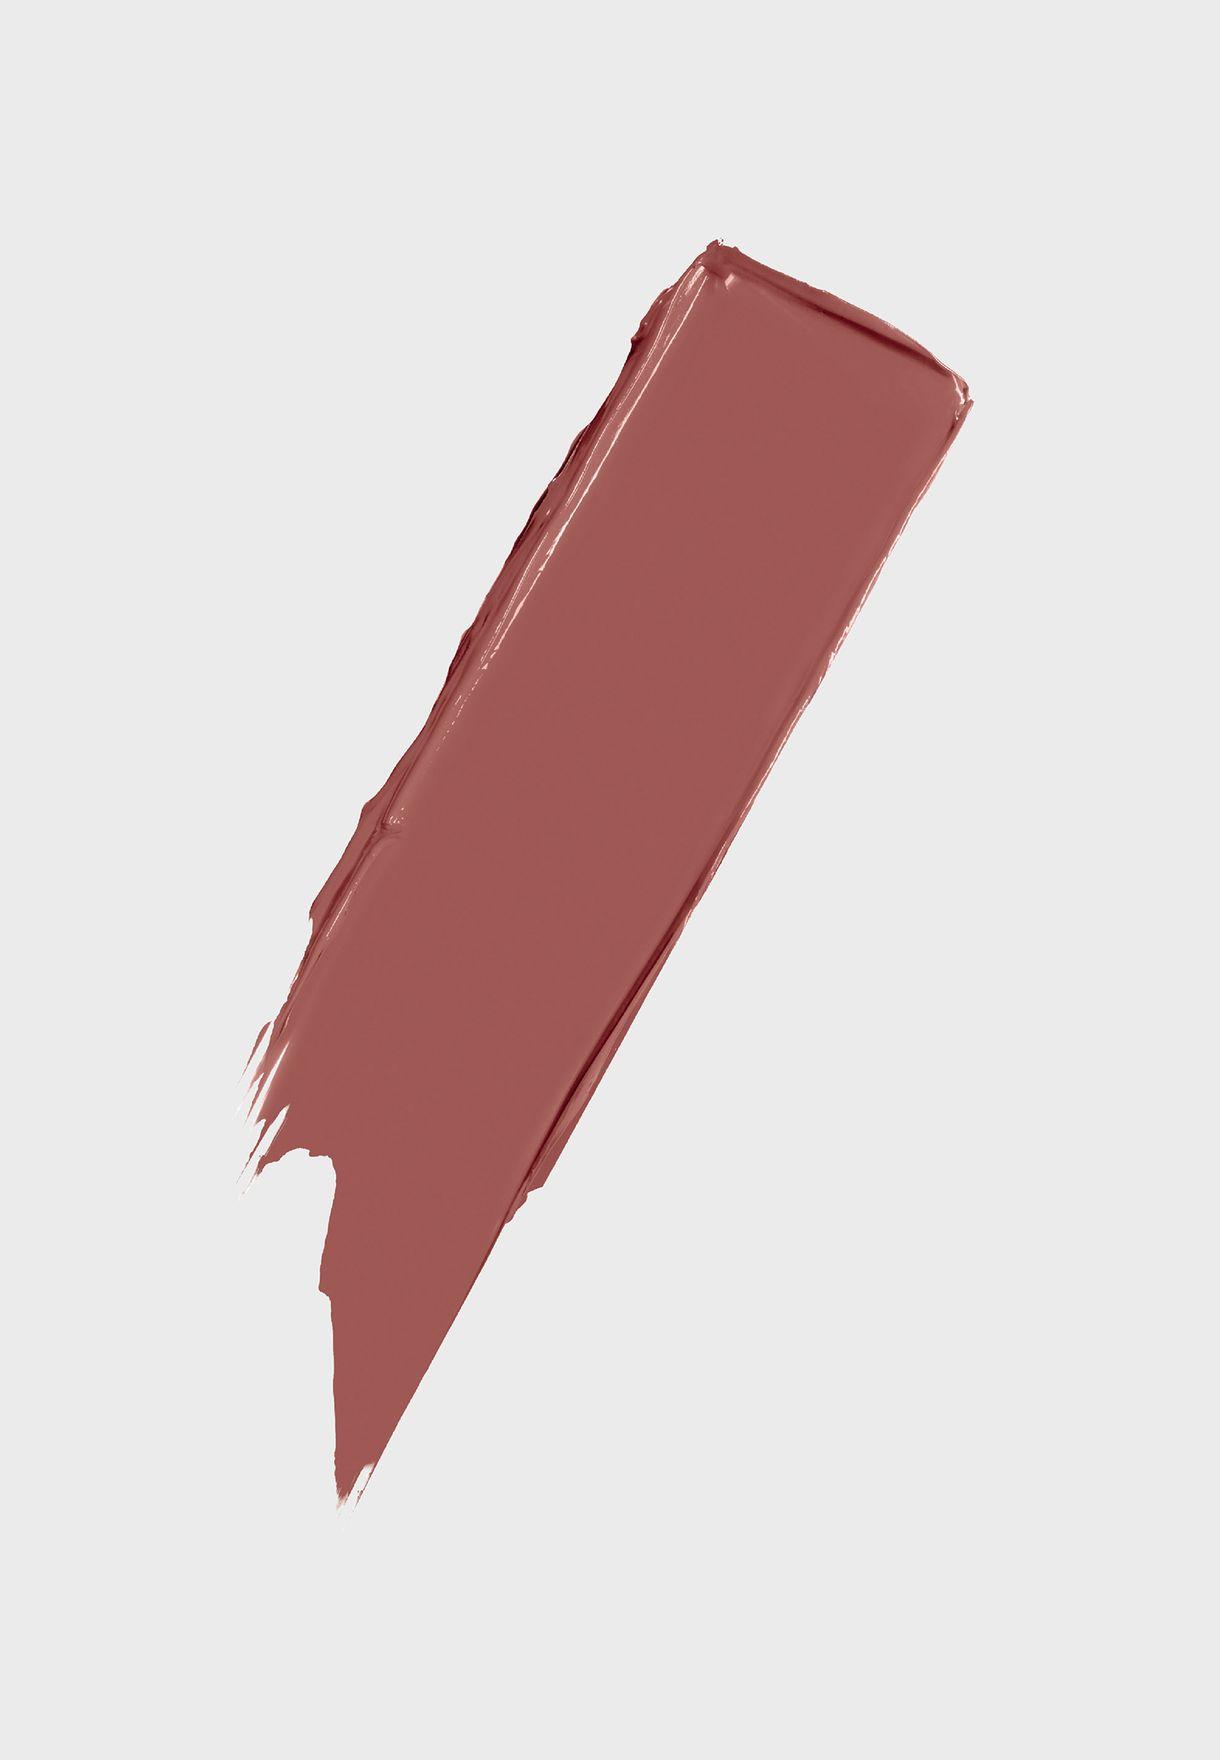 احمر شفاه ارتيست روج 156 - بير ليس